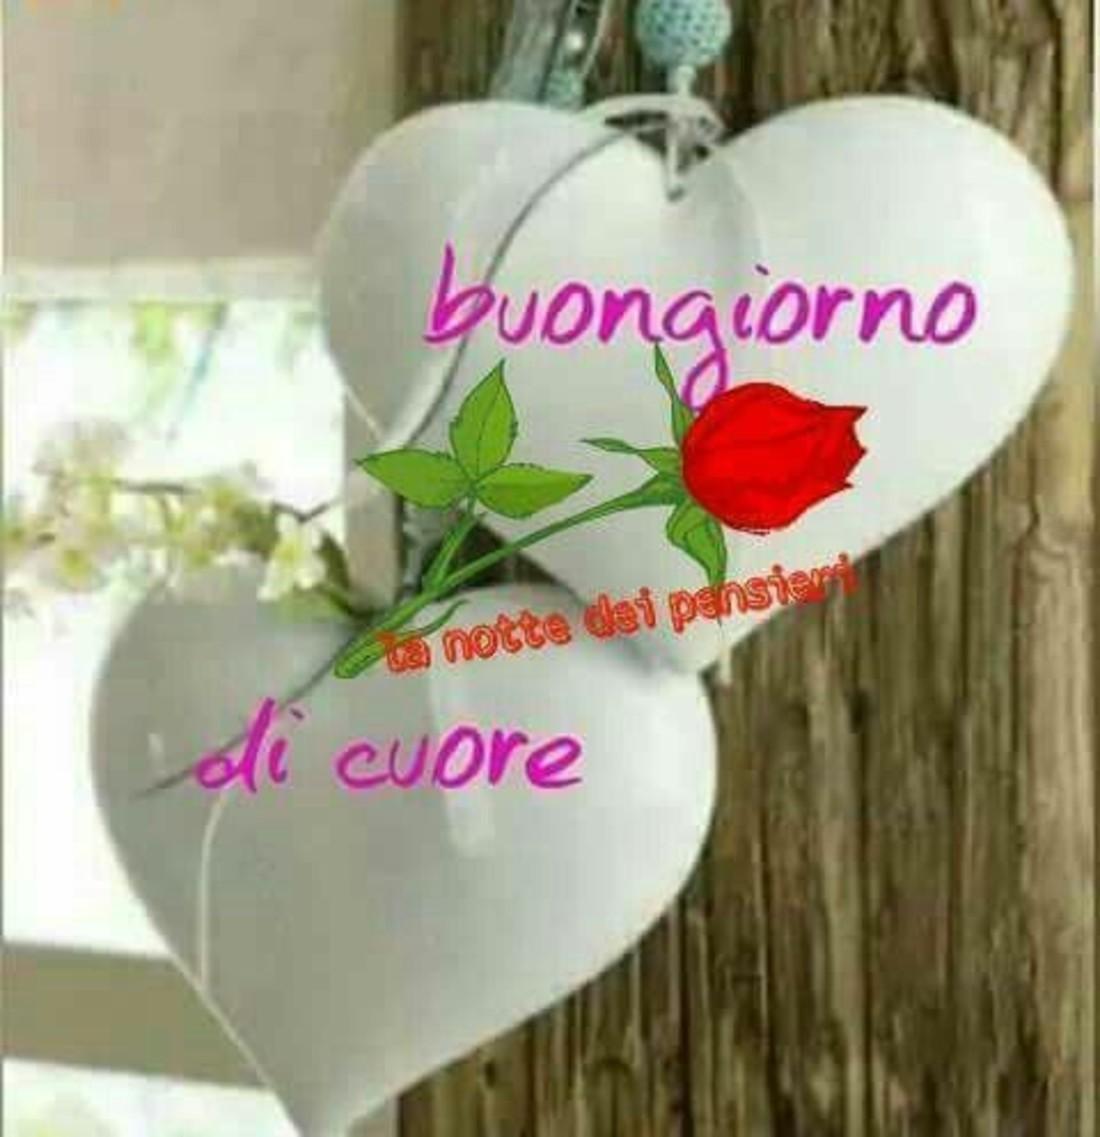 Buongiorno amore mio bellissime immagini (7) Archives ...